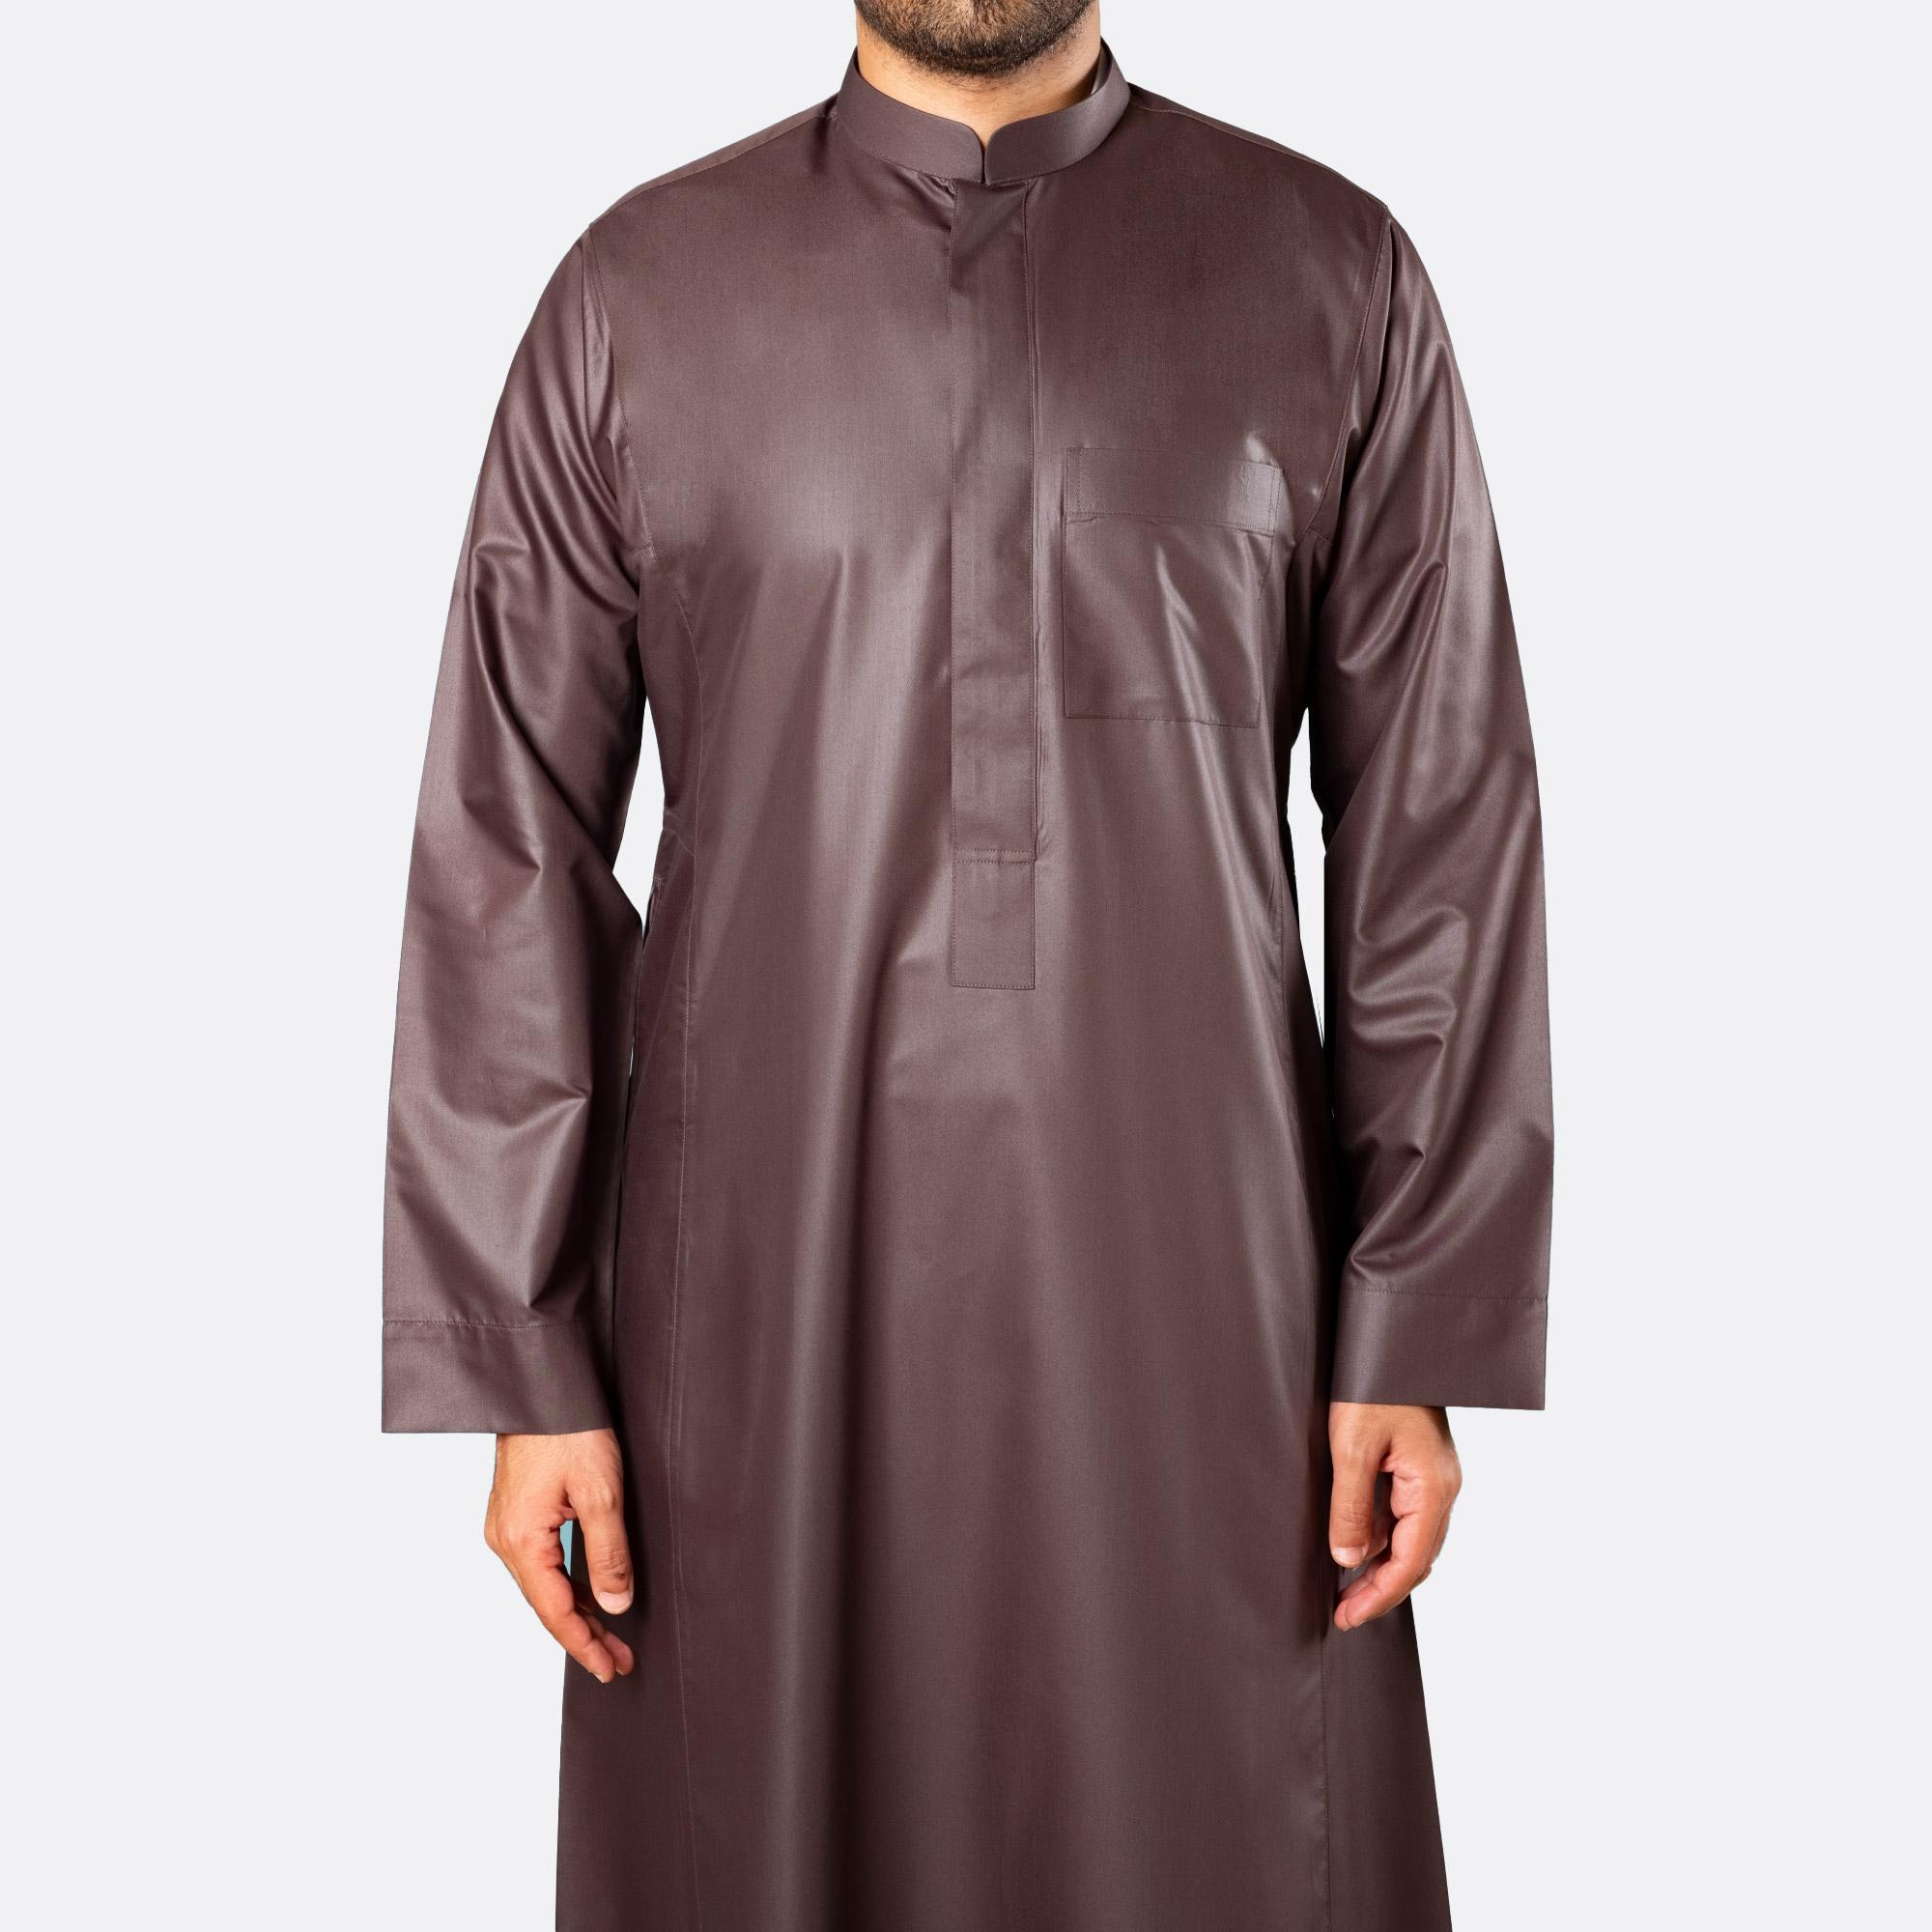 ثوب كلاسيكي فاخر بني غامق سحّاب